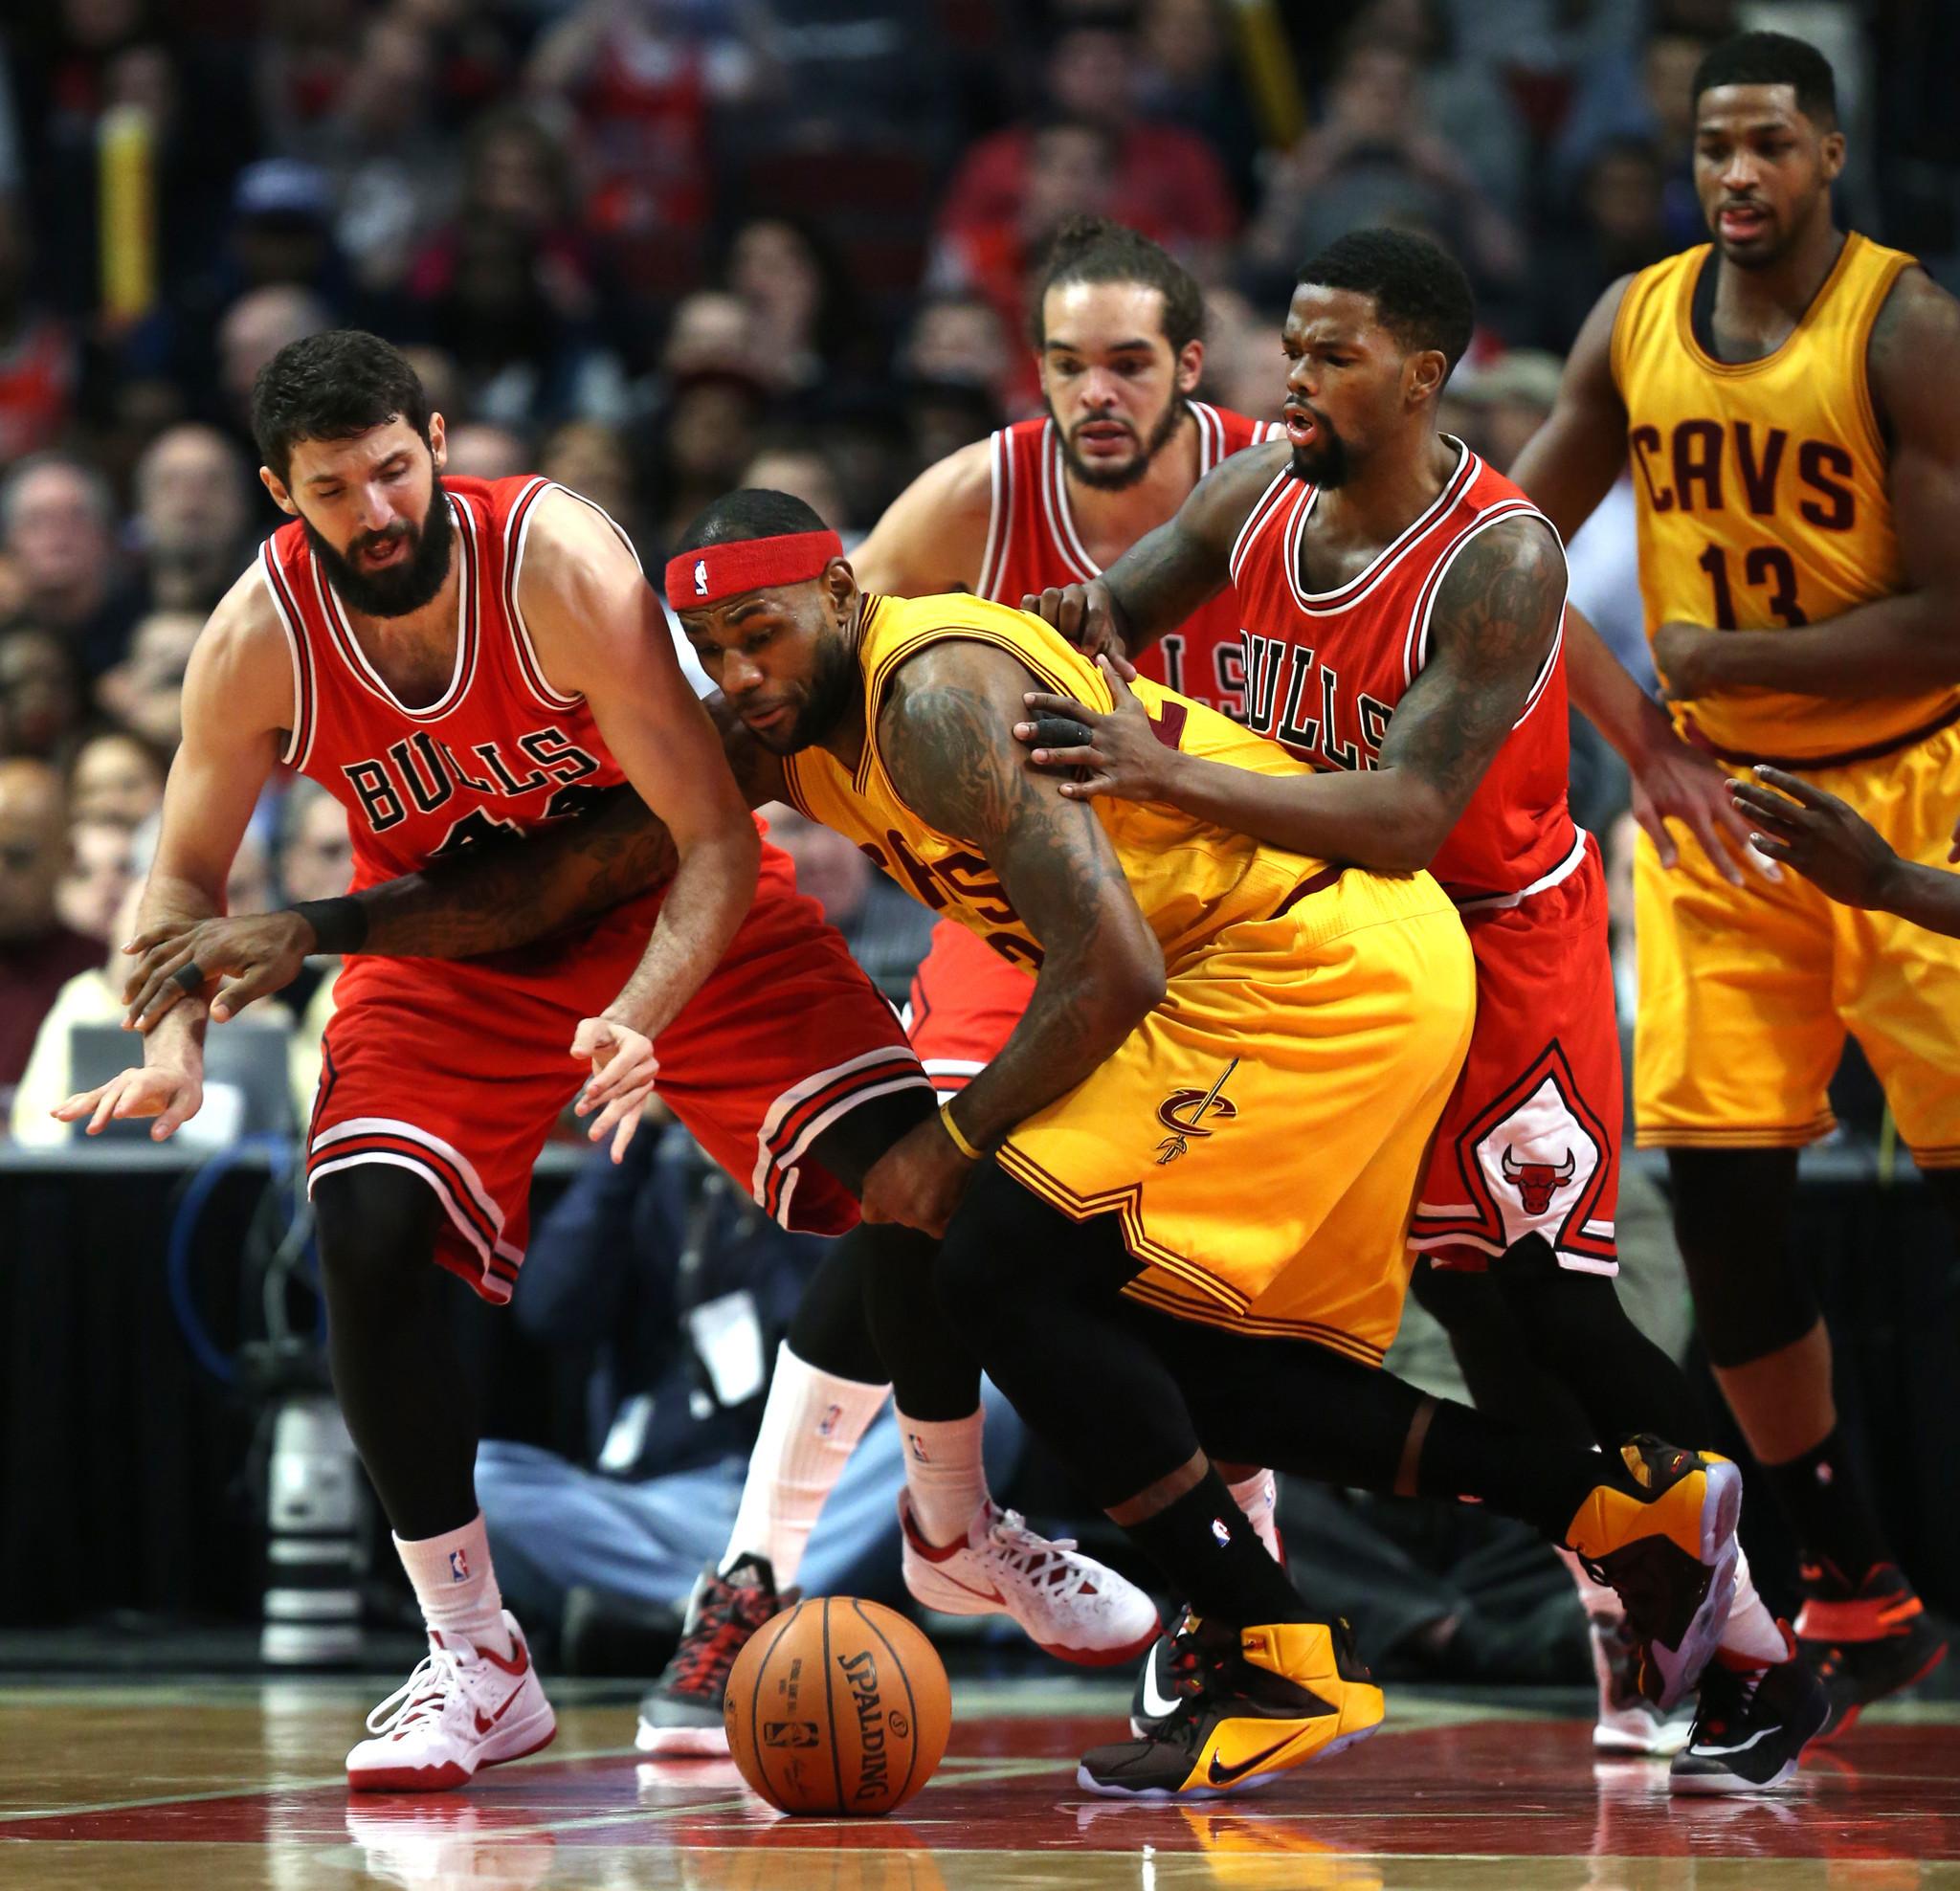 Basketball James-0213